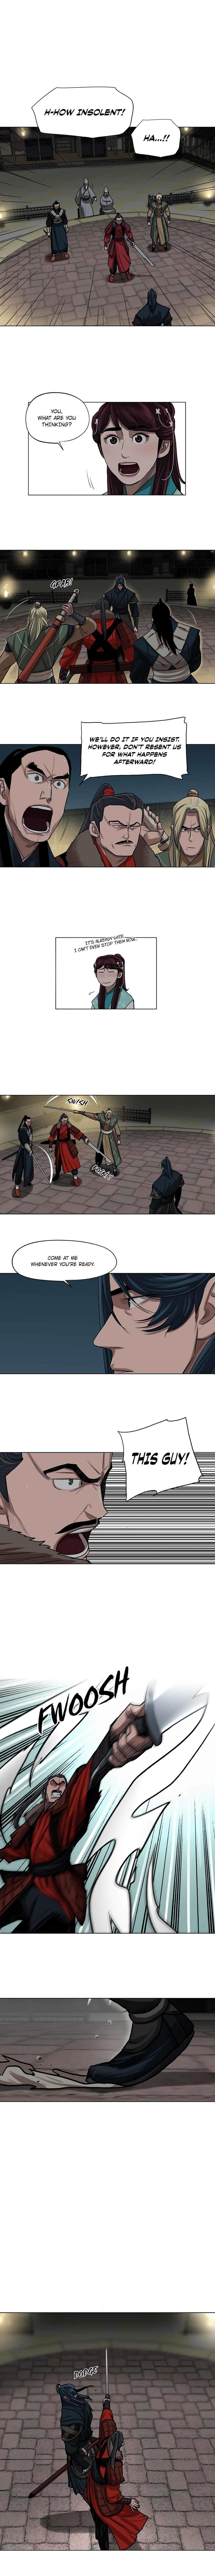 Escort Warrior Chapter 25 page 4 - Mangakakalots.com